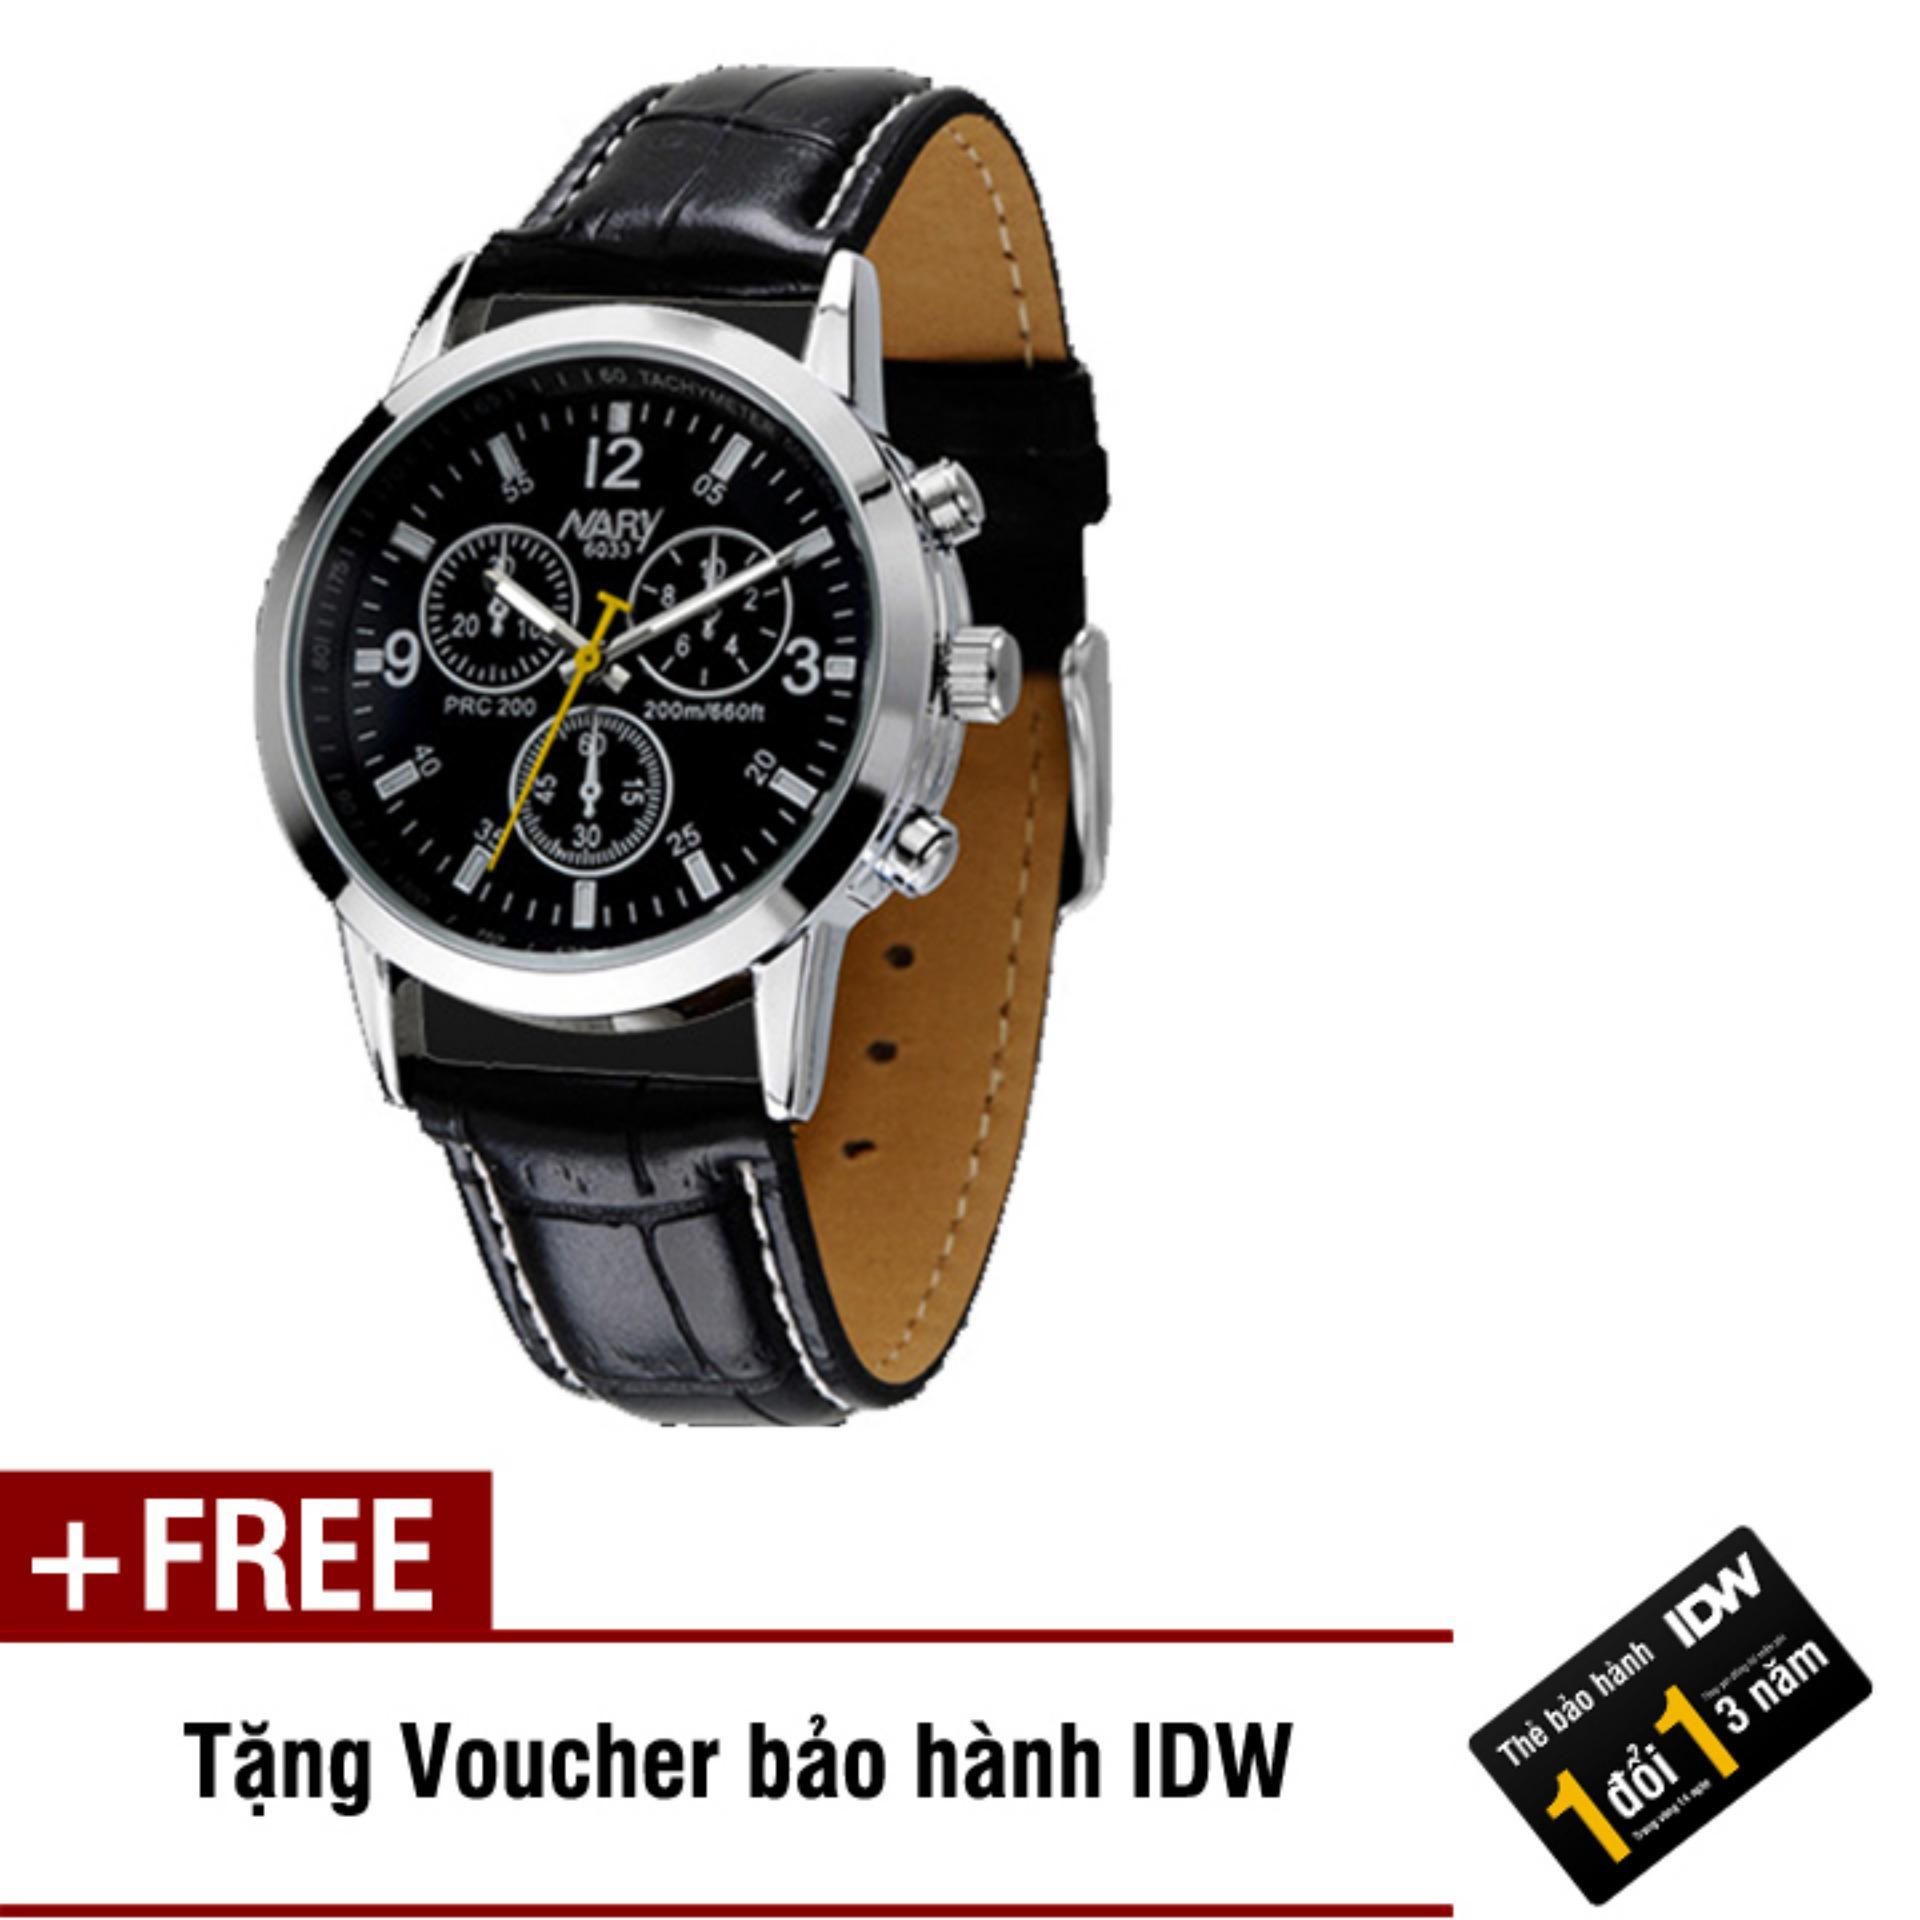 Đồng hồ nam dây da cao cấp Nary IDW 2533 (Dây đen mặt đen) + Tặng kèm voucher bảo hành IDW